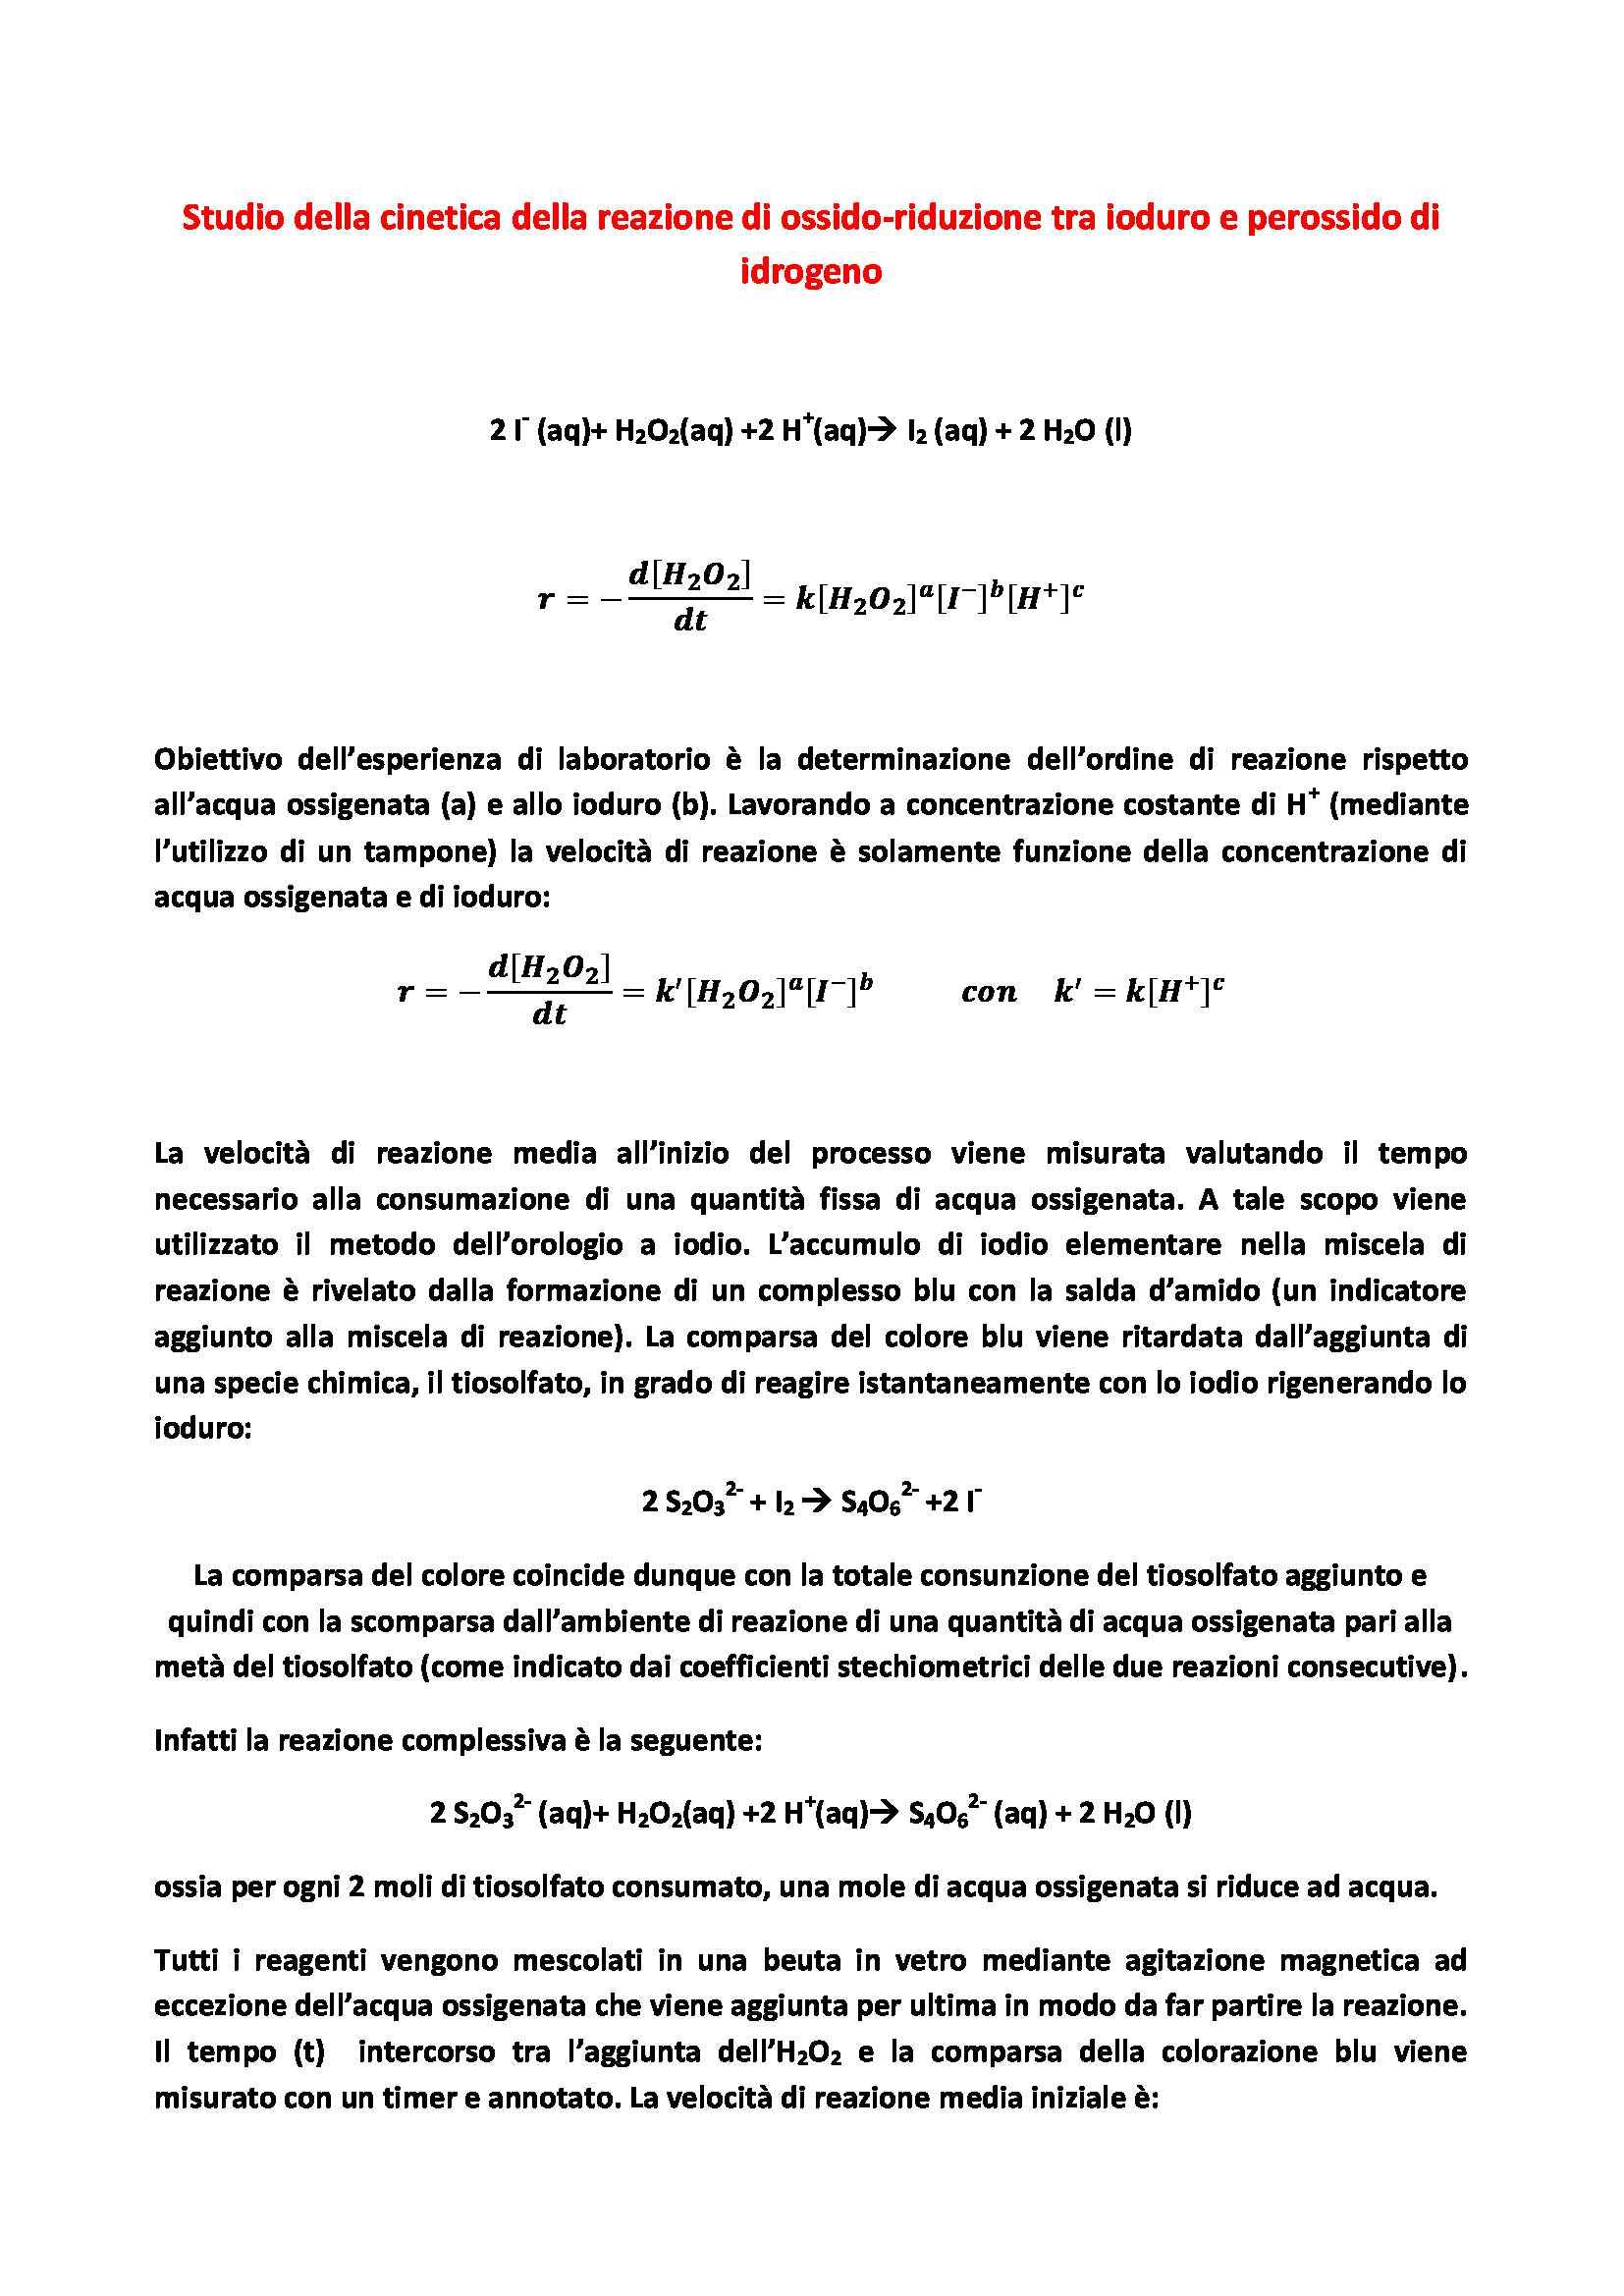 Applicazione del metodo dell'orologio a iodio e delle velocità iniziali